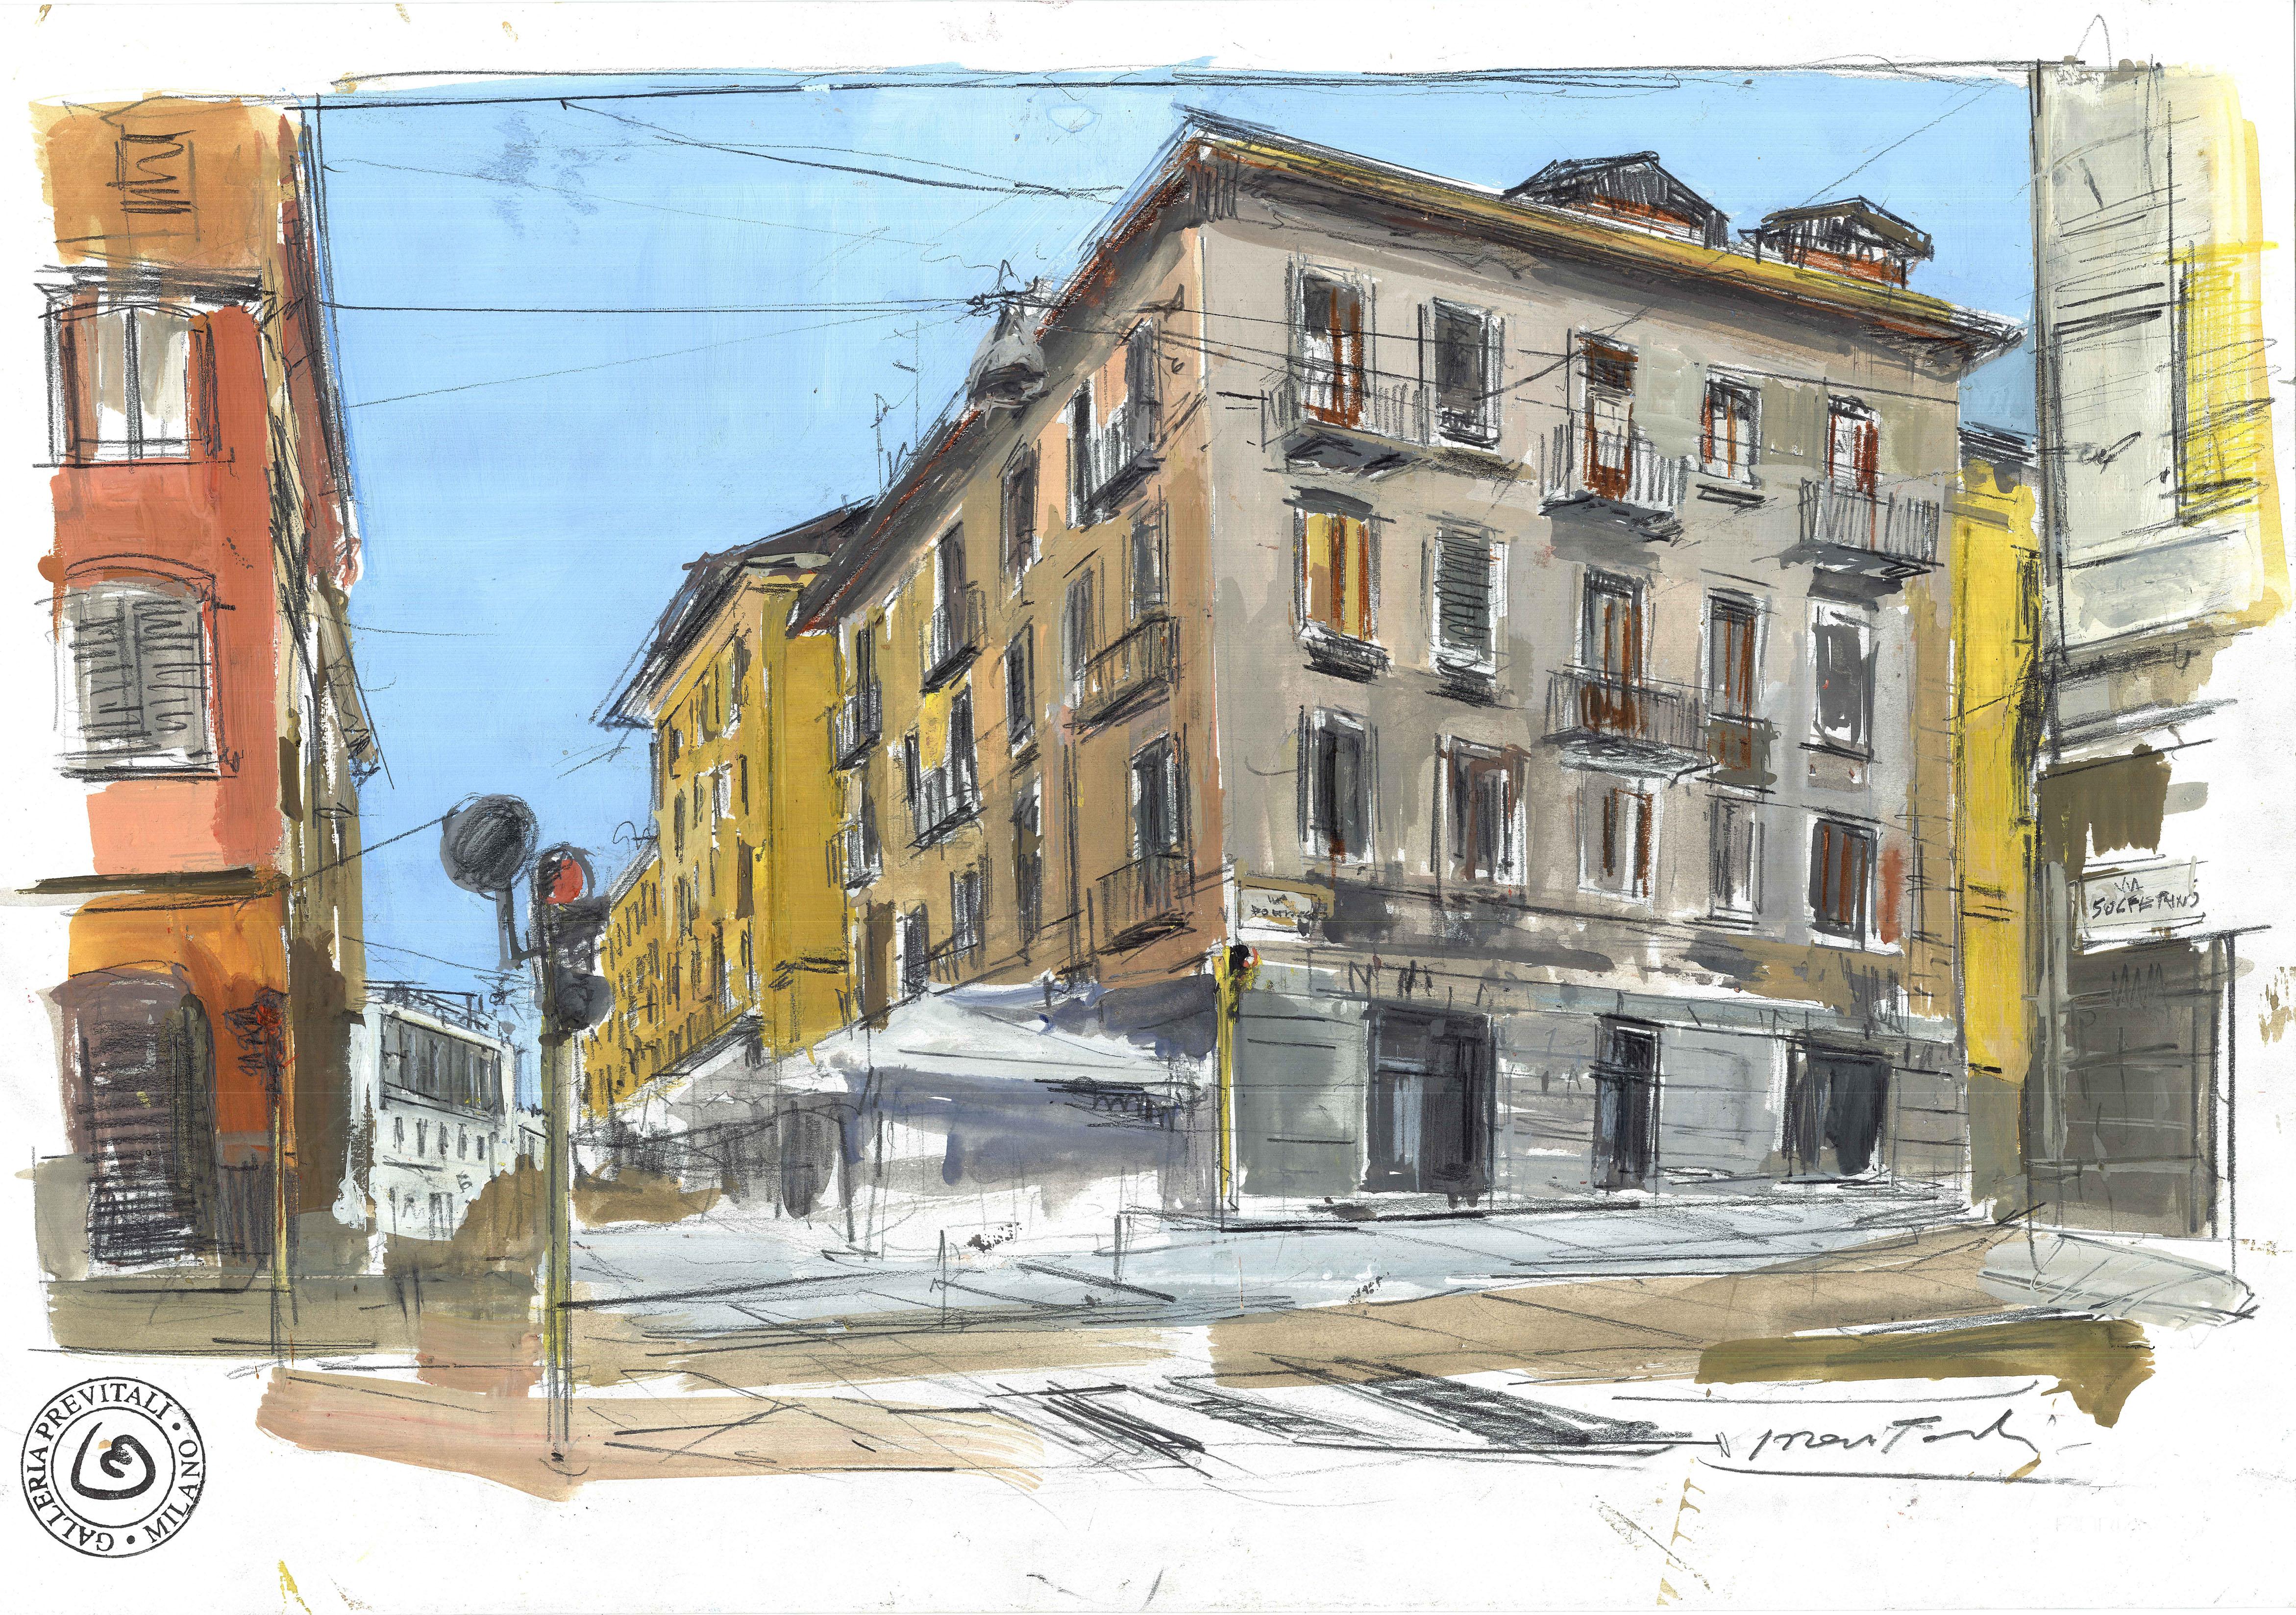 M. Previtali, Brera, Milano, tecnica mista su carta, 2015